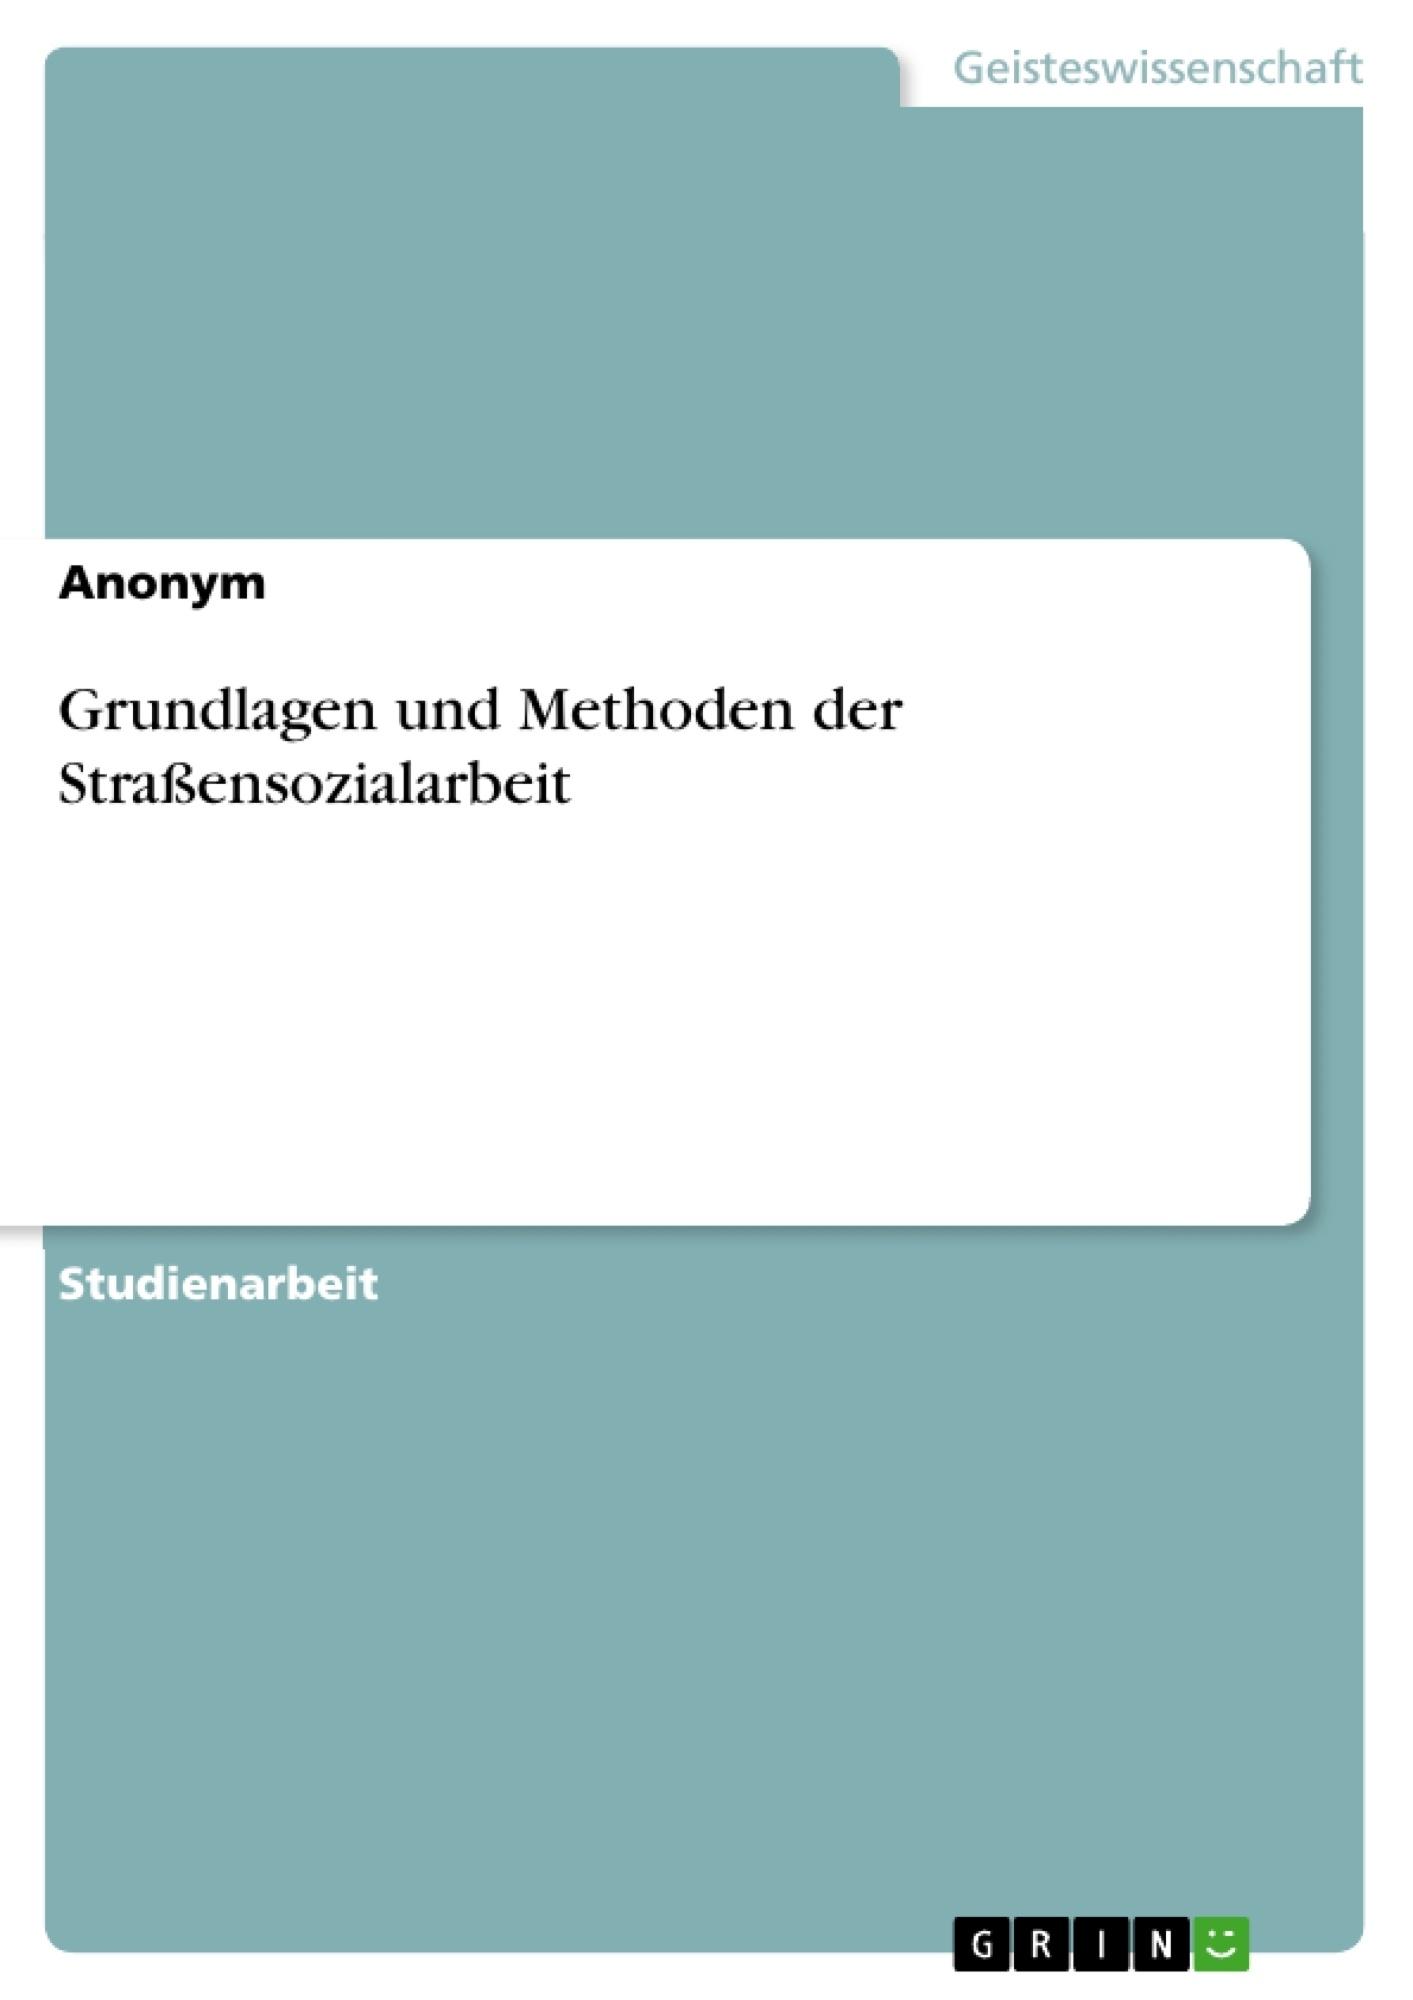 Titel: Grundlagen und Methoden der Straßensozialarbeit